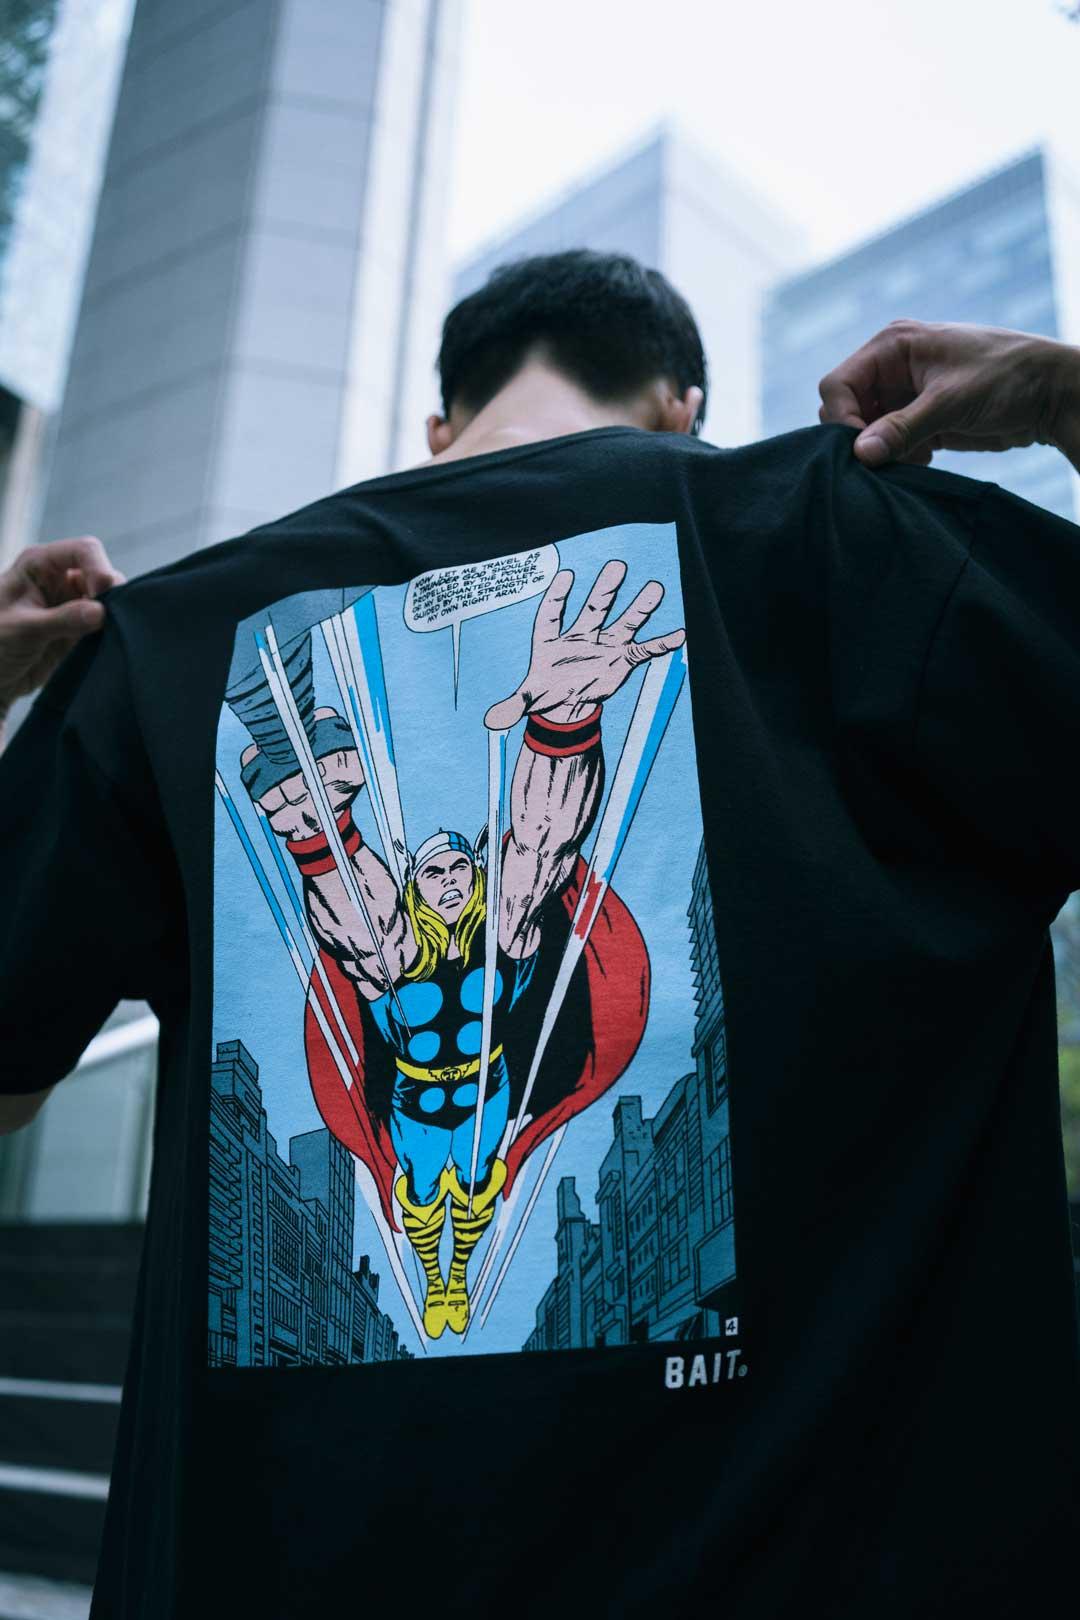 画像6: 「アベンジャーズ」登場ヒーロー達の活躍シーンが切り取られたアパレルコレクションが「BAIT」で展開中